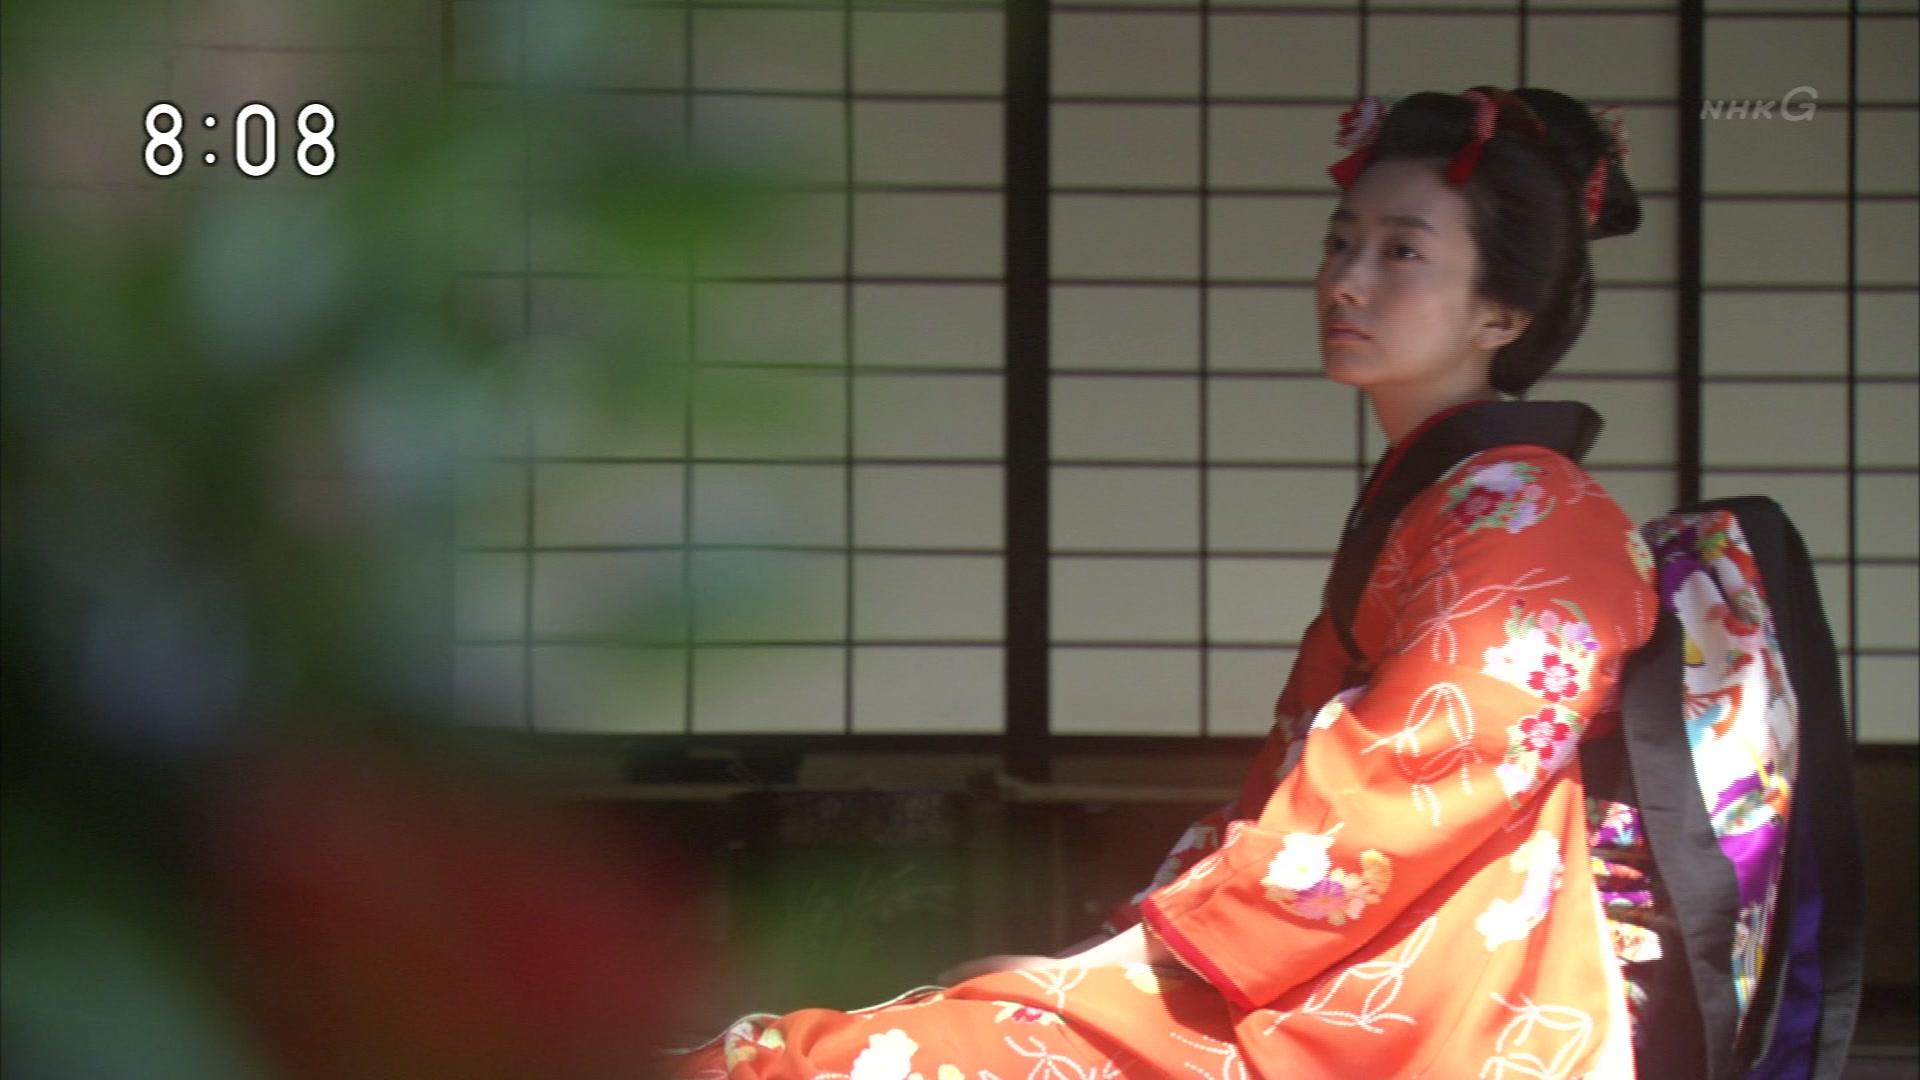 2015-10-07 08:00 連続テレビ小説 あさが来た(9)「ふたつの花びら」 1605